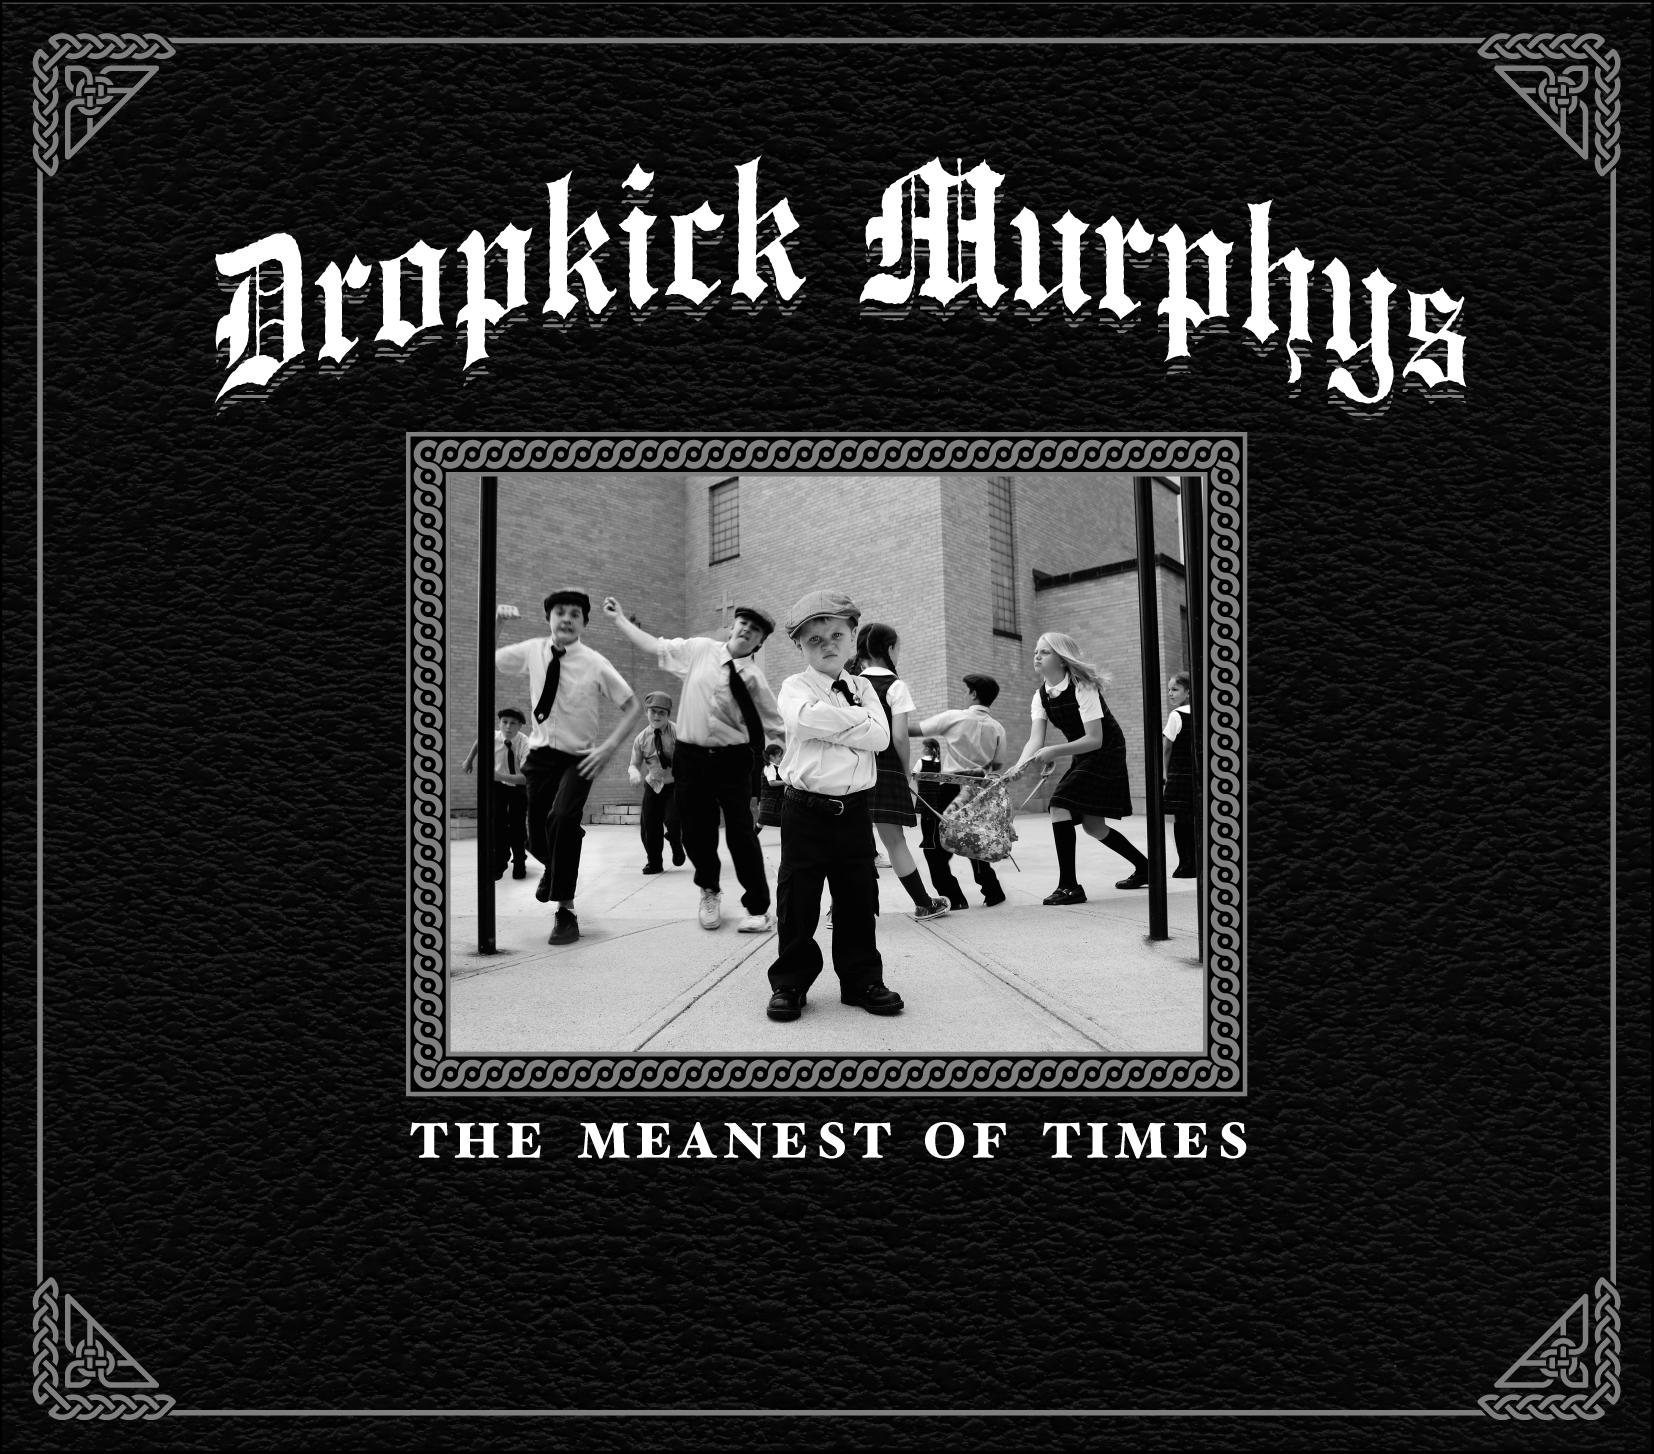 Dropkick Murphys Cover